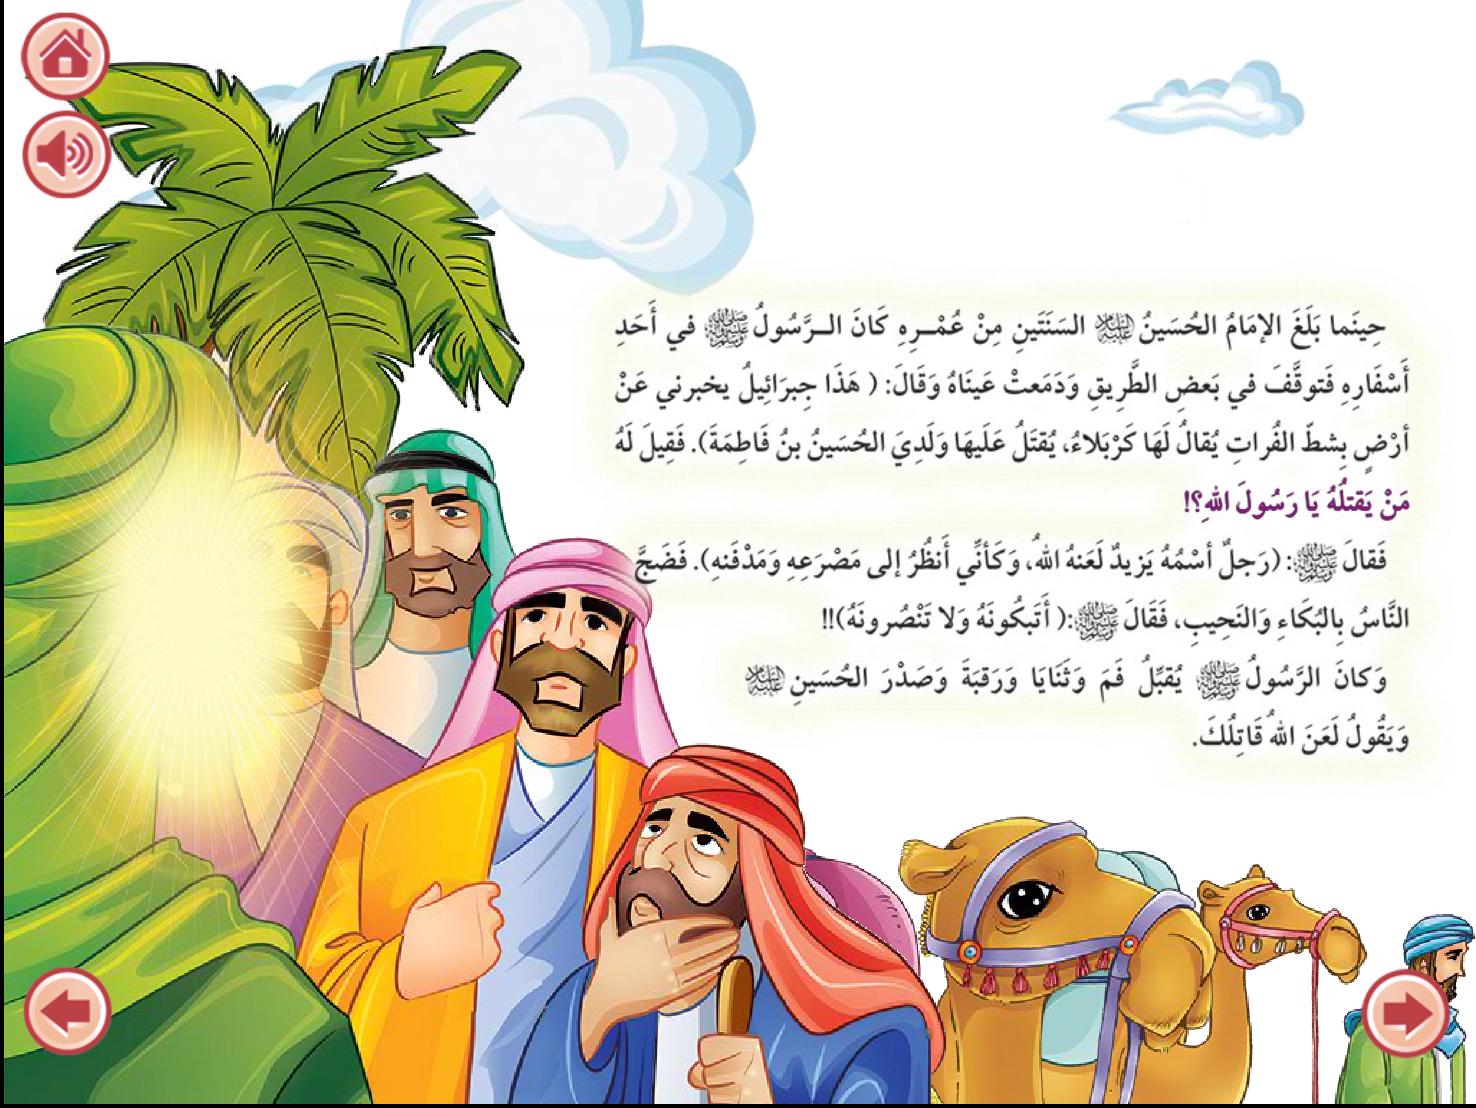 کتاب کودک المودة (فارسی و عربی)